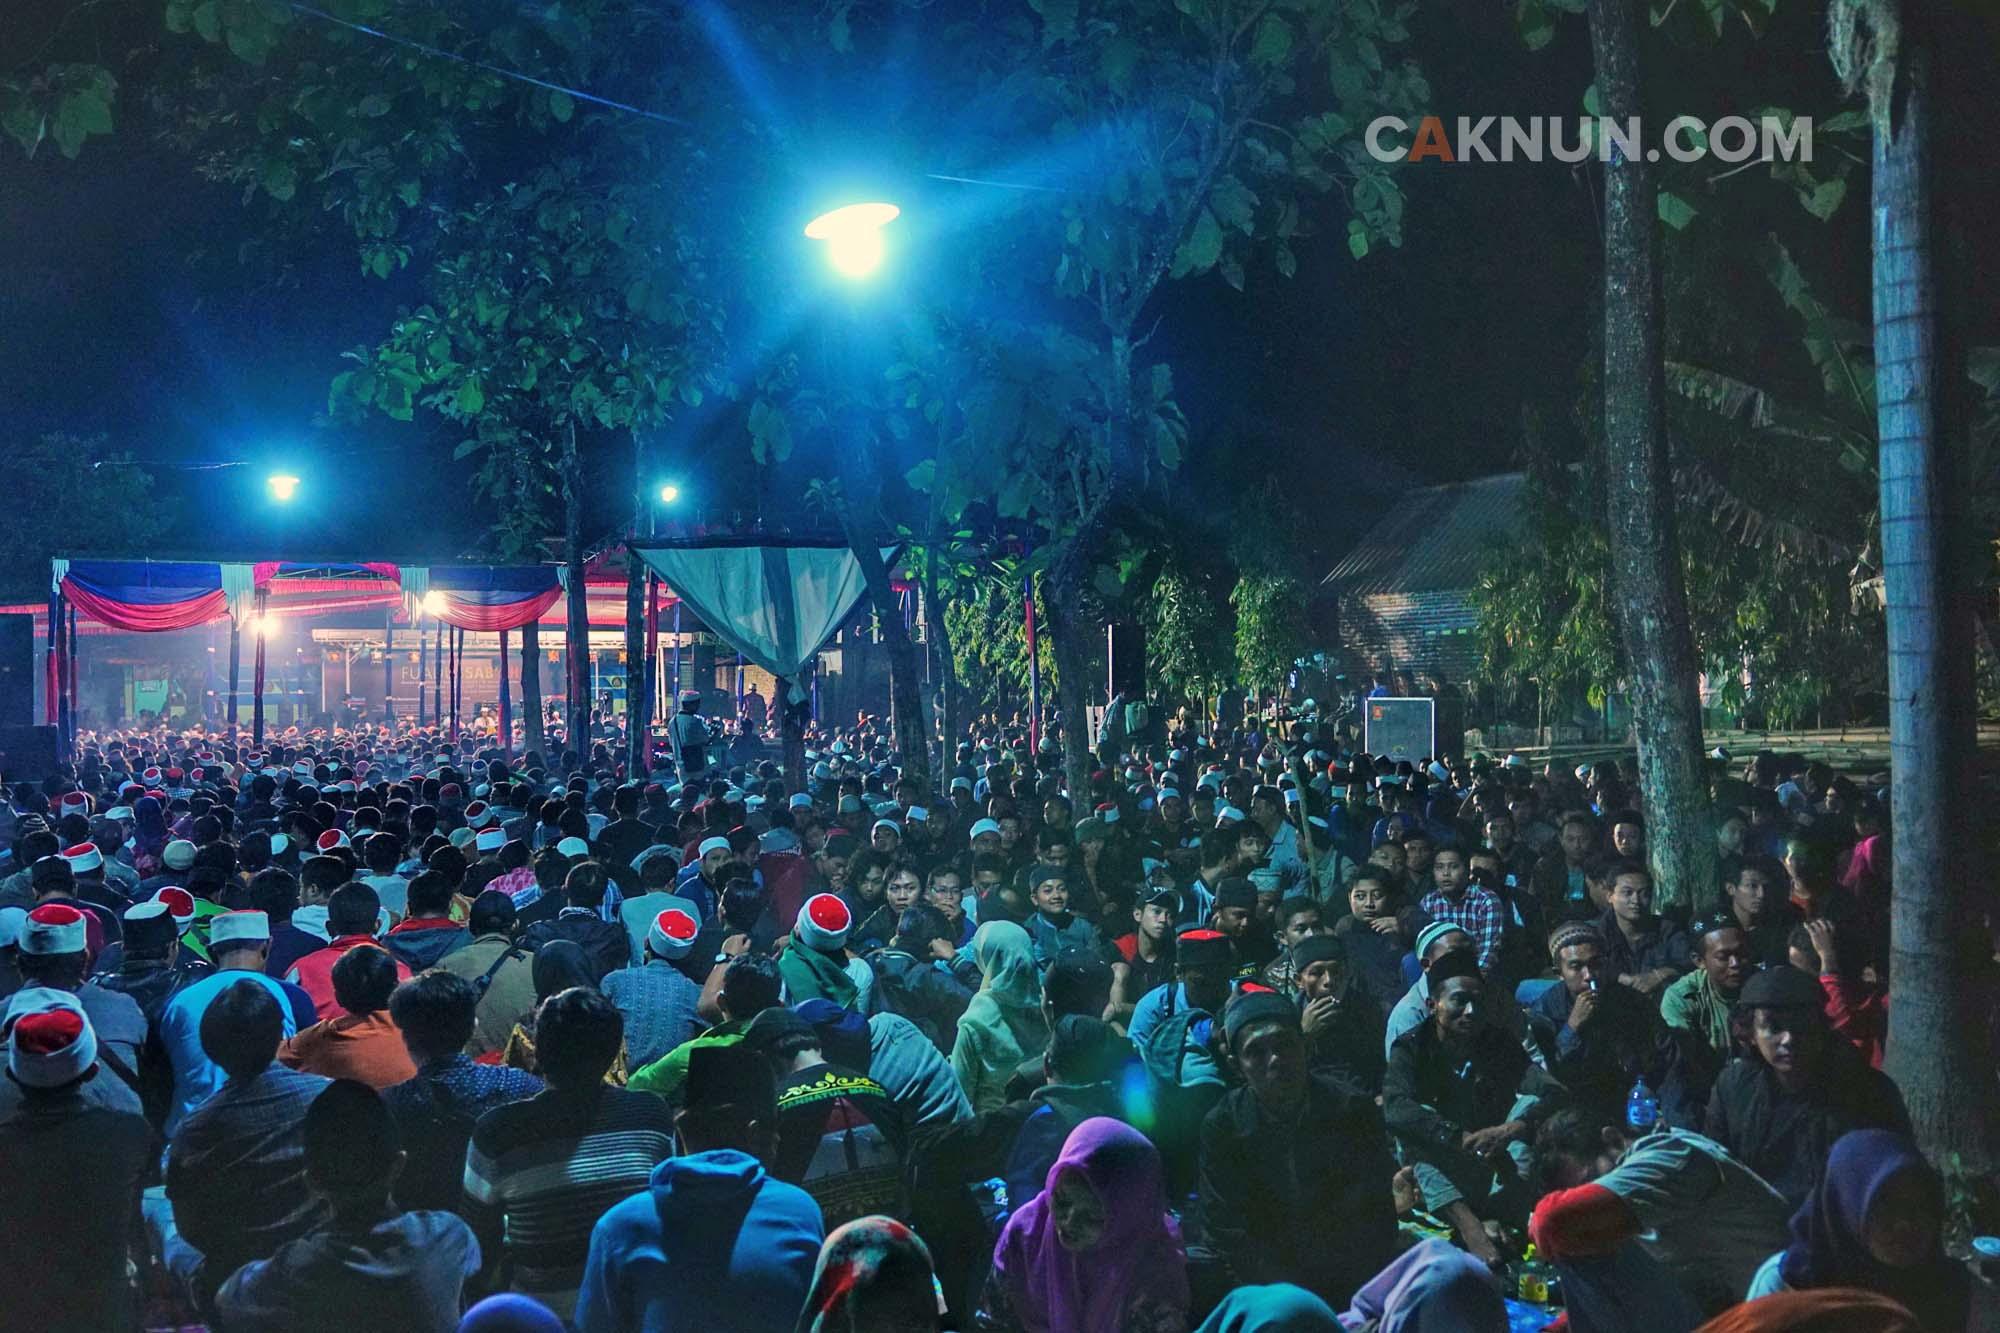 Ribuah jamaah memadati area Padhangmbulan. Foto: Adin.